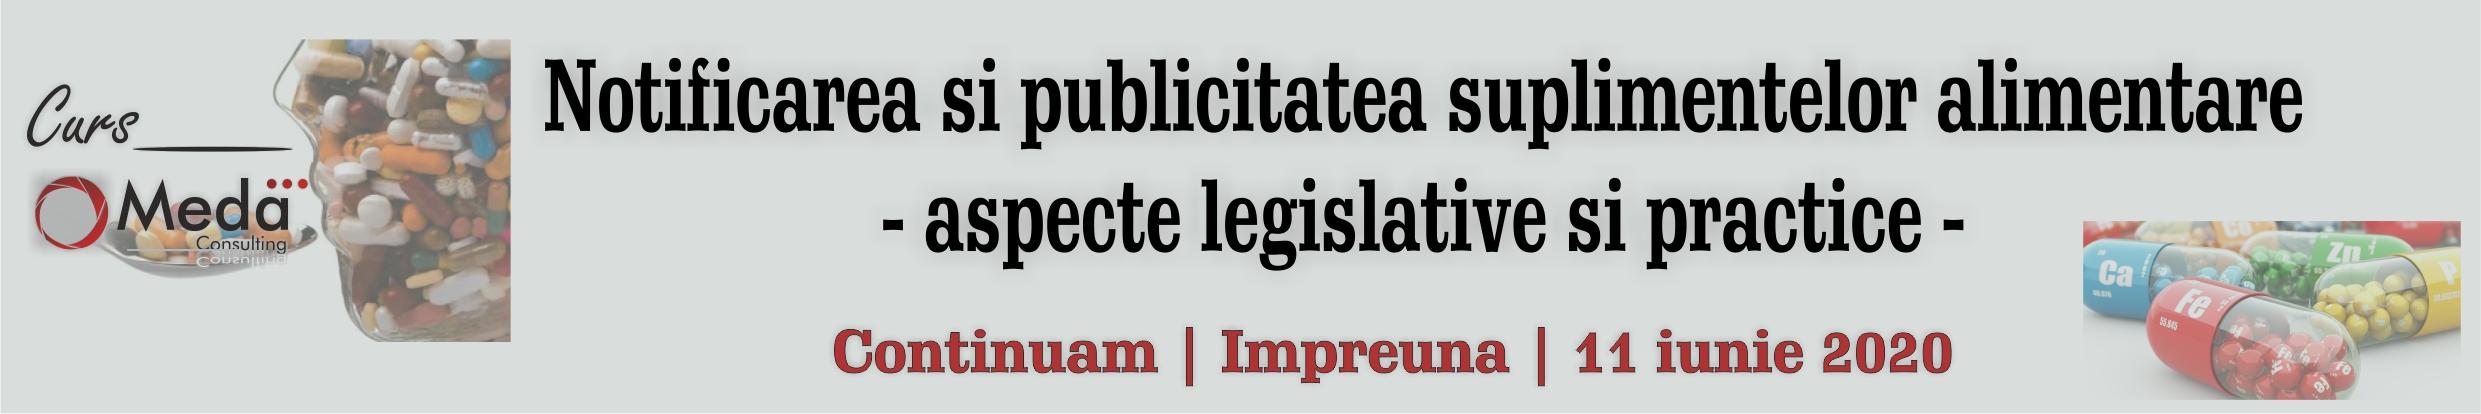 notificarea si publicitatea suplimentelor alimentare - aspecte legislative si practice